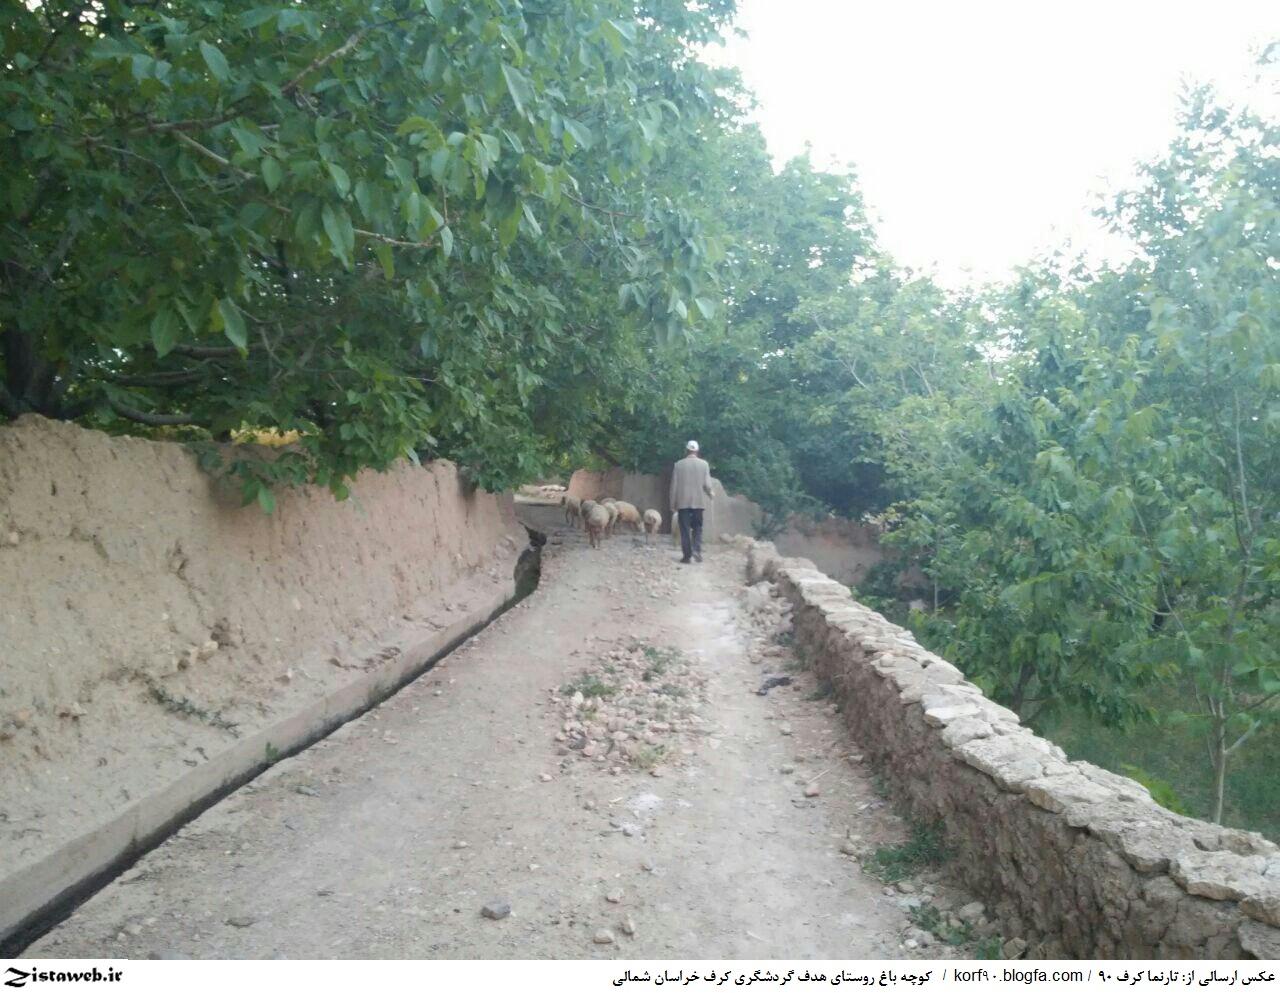 عکسی از کوچه باغ روستای گردشگری کرف شهر سنخواست استان خراسان شمالی